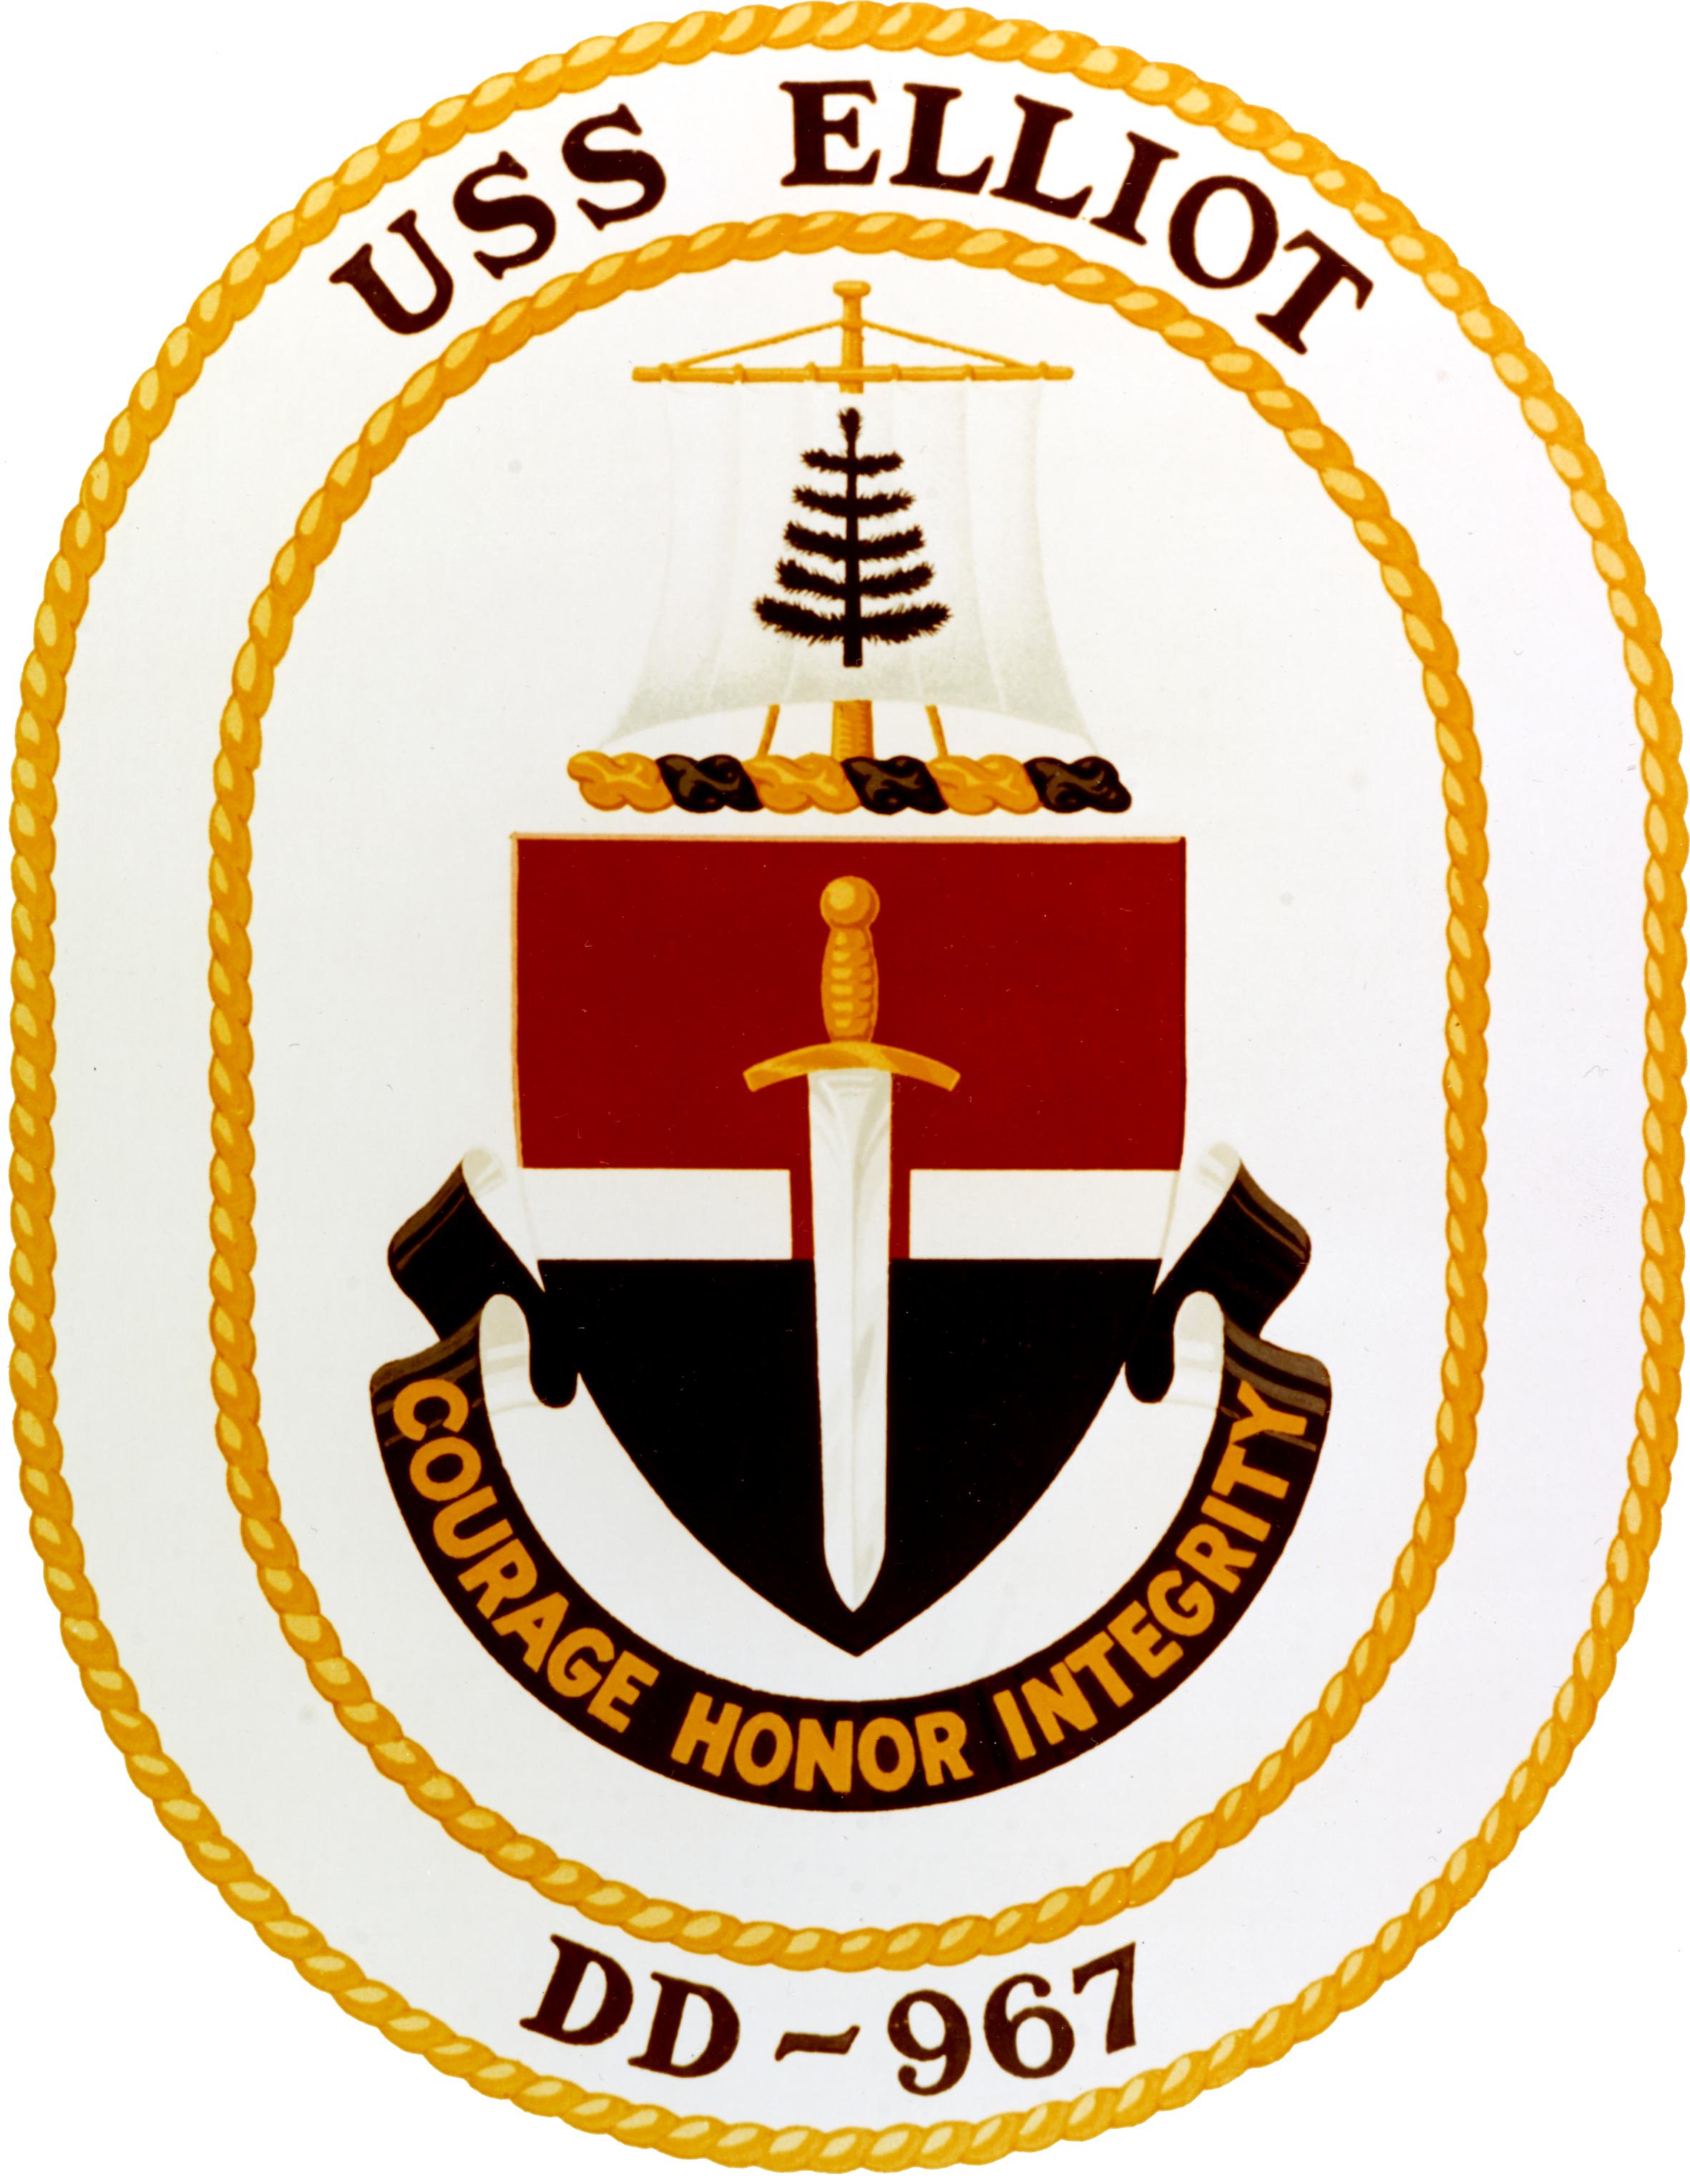 File:USS Elliot (DD-967) insignia, circa 1976 (NH 85499